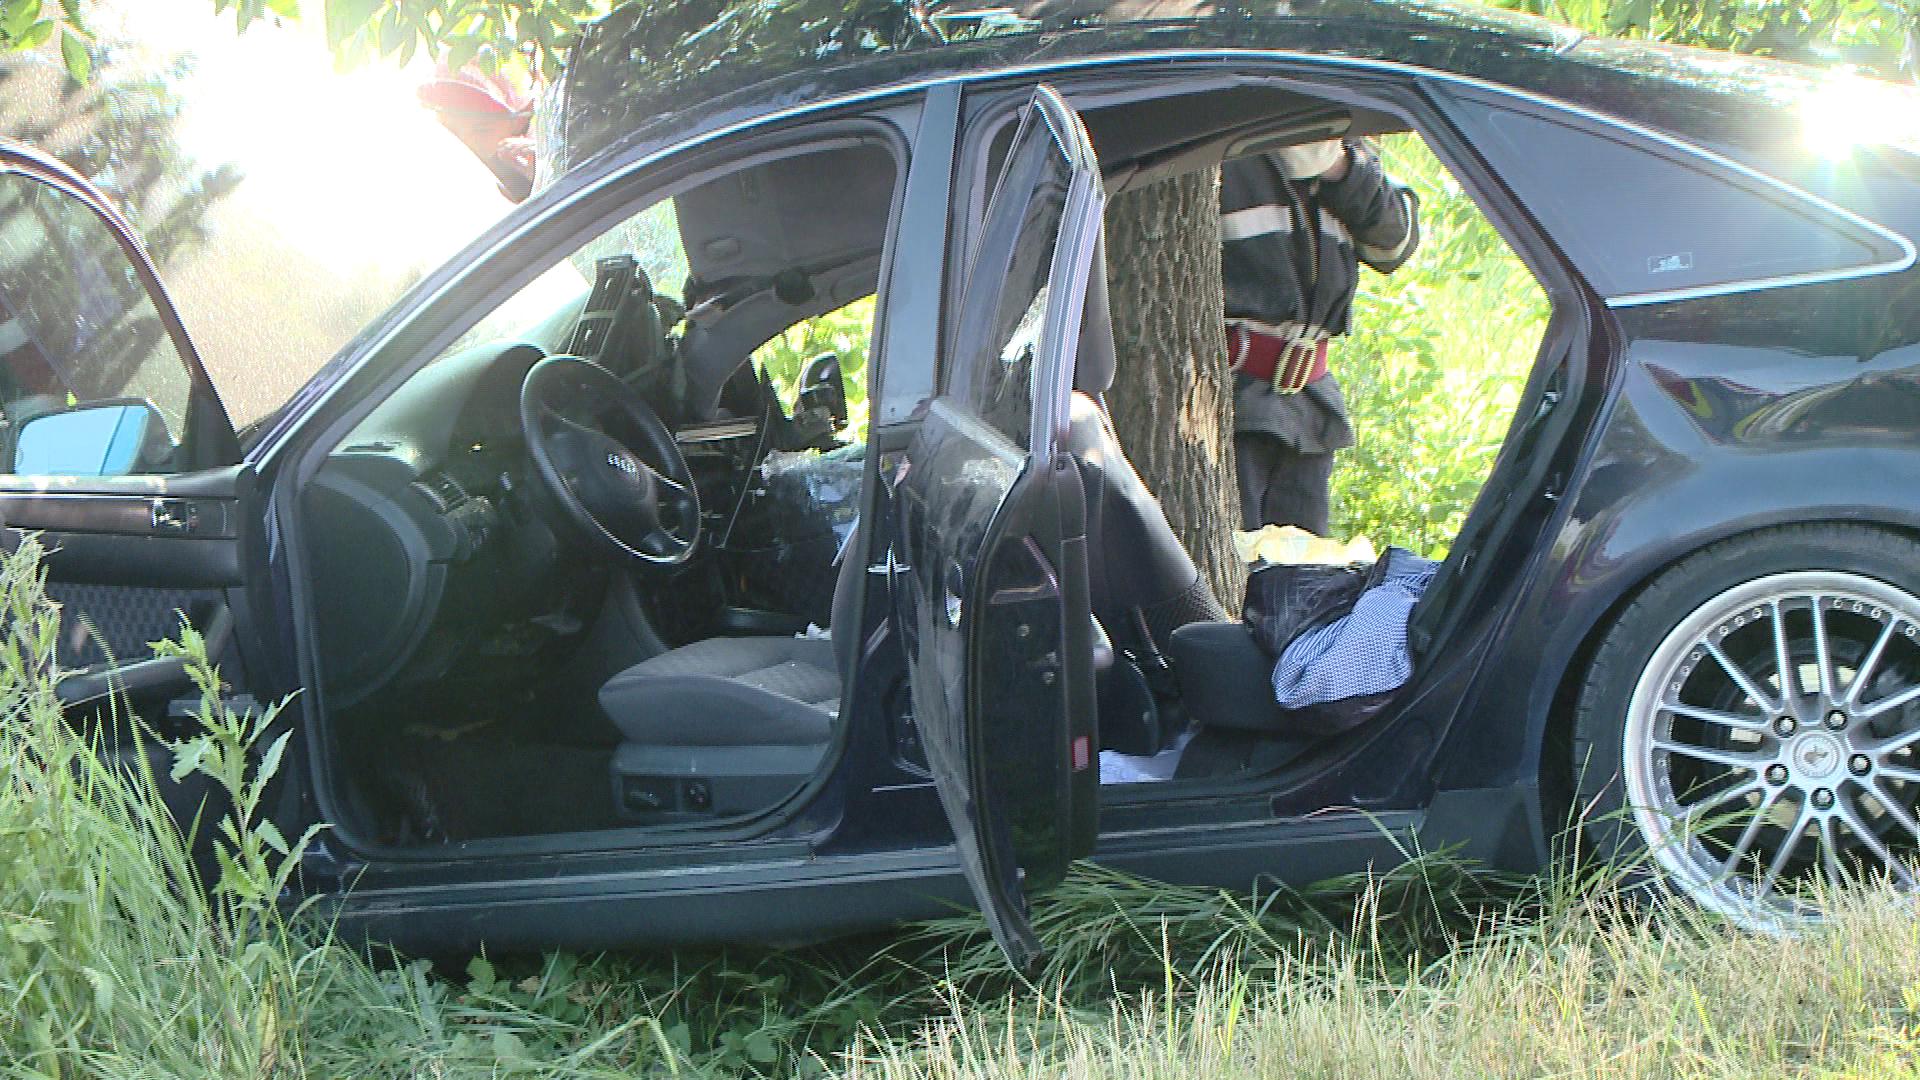 Patru oameni au murit dupa ce un camion a intrat pe contrasens. Doi tineri au sfarsit carbonizati